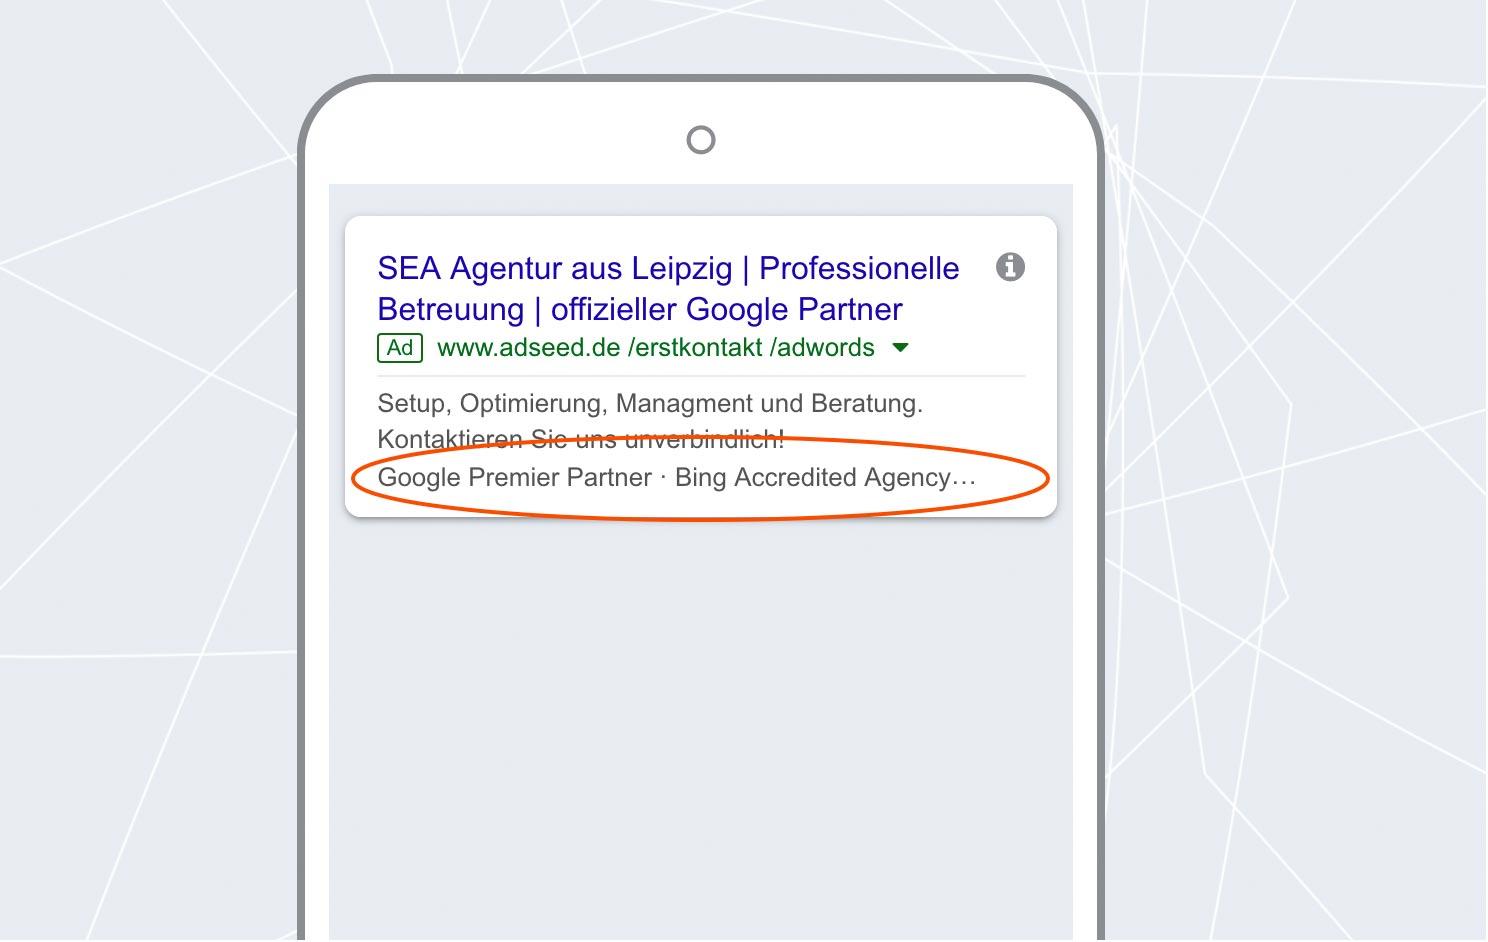 adseed - Google Ads Anzeige Erweiterung mit Zusatzinformationen Mobil